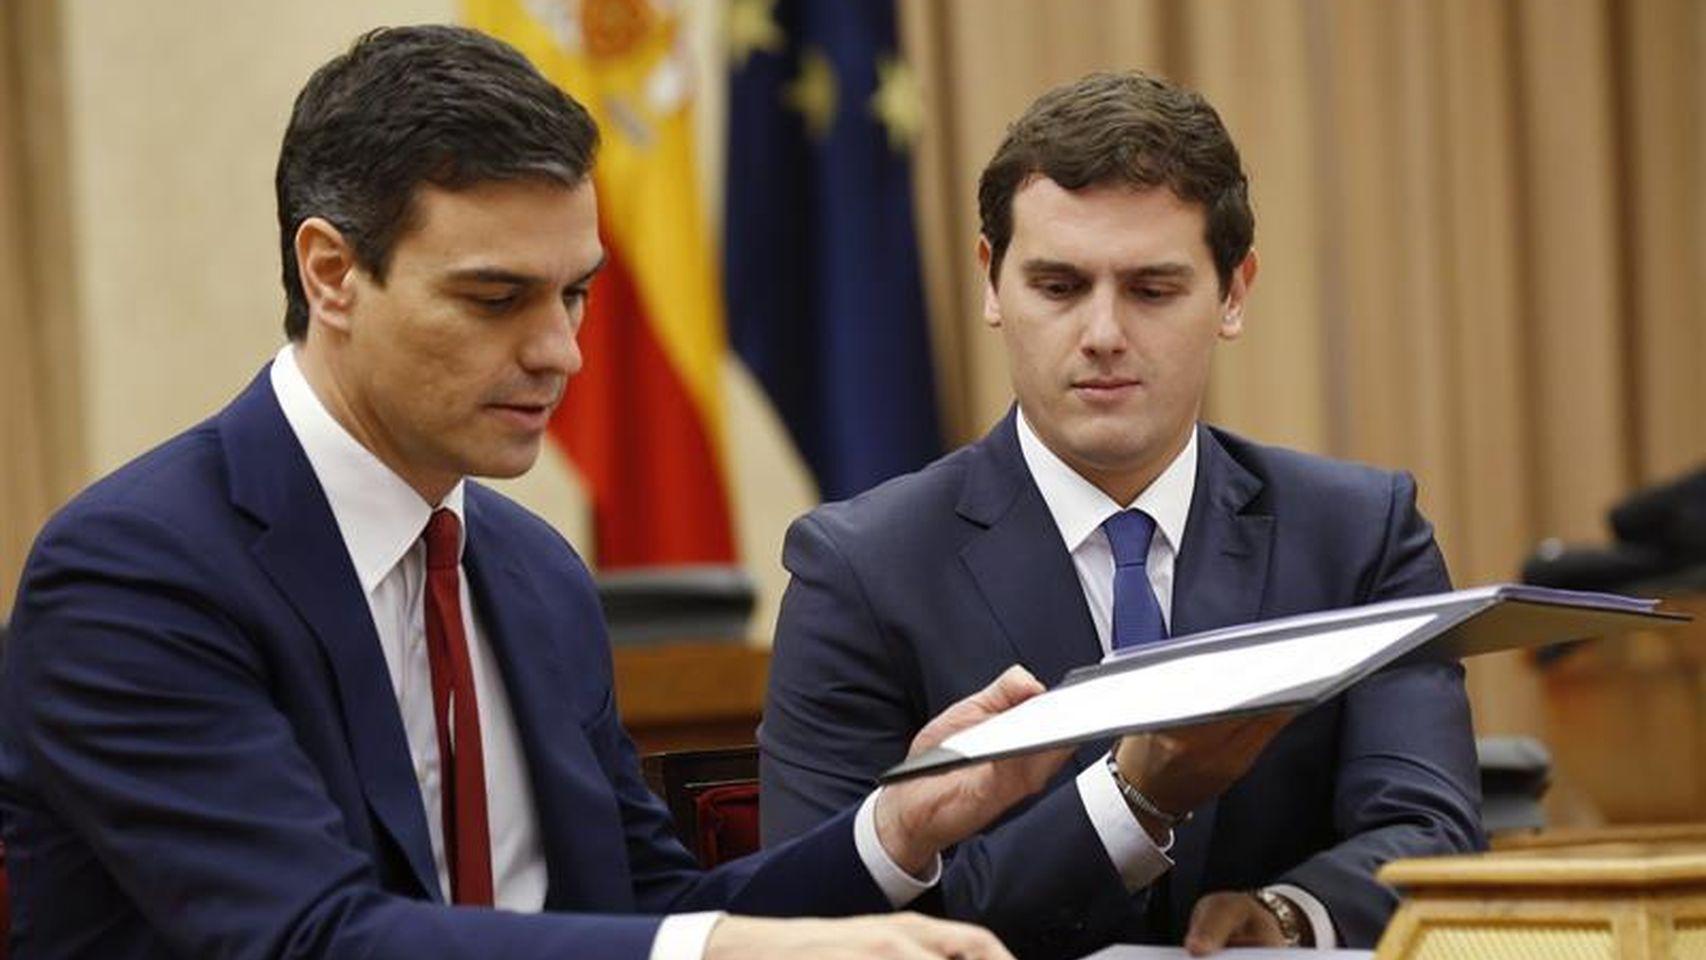 Pedro-Sanchez-Albert-Rivera-acuerdo_104750312_1588439_1706x960